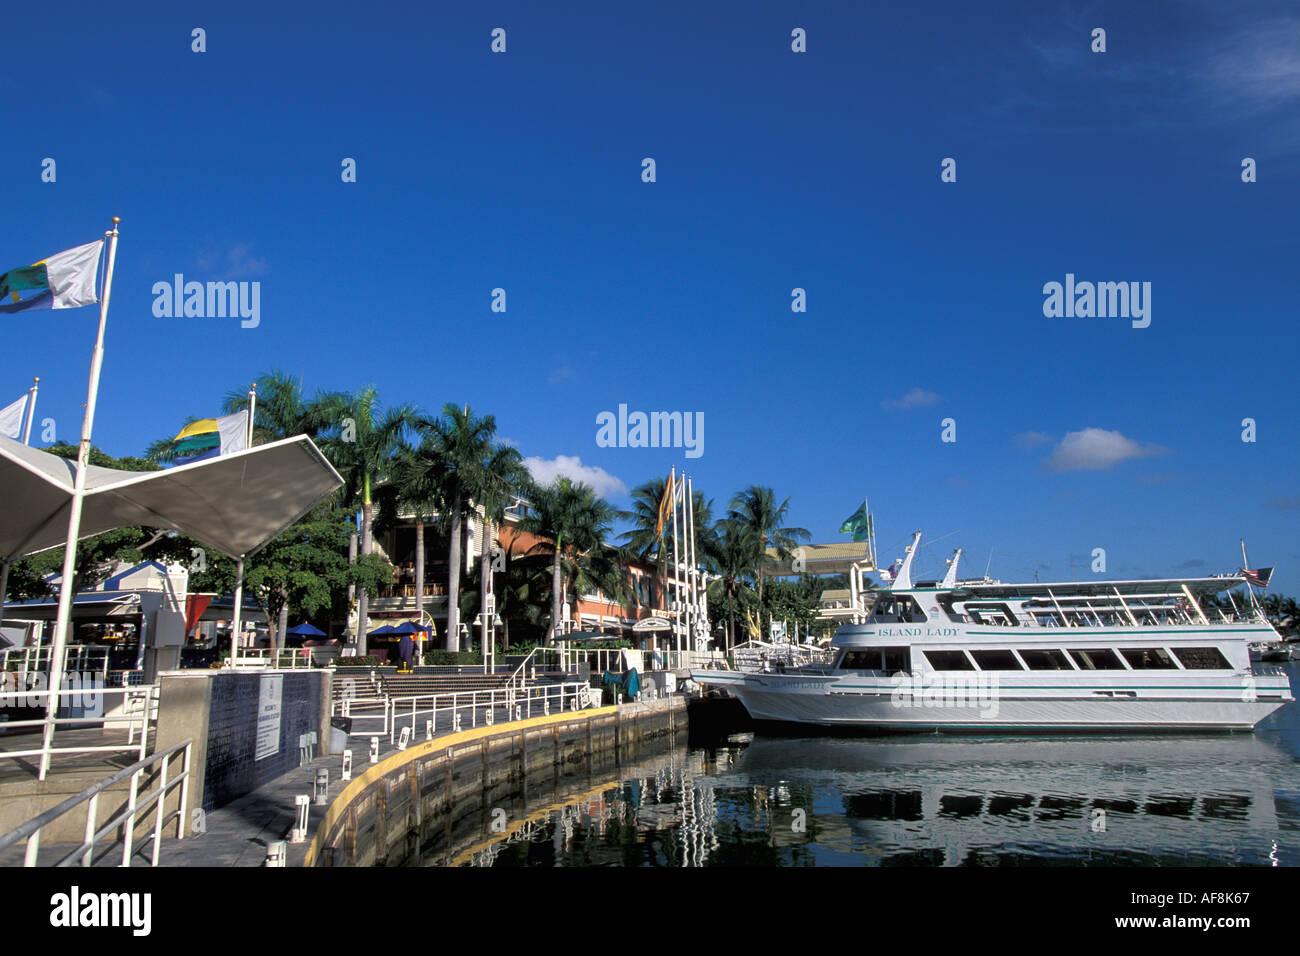 Miami Florida FL Bayside South Beach Boats at anchor in marina - Stock Image